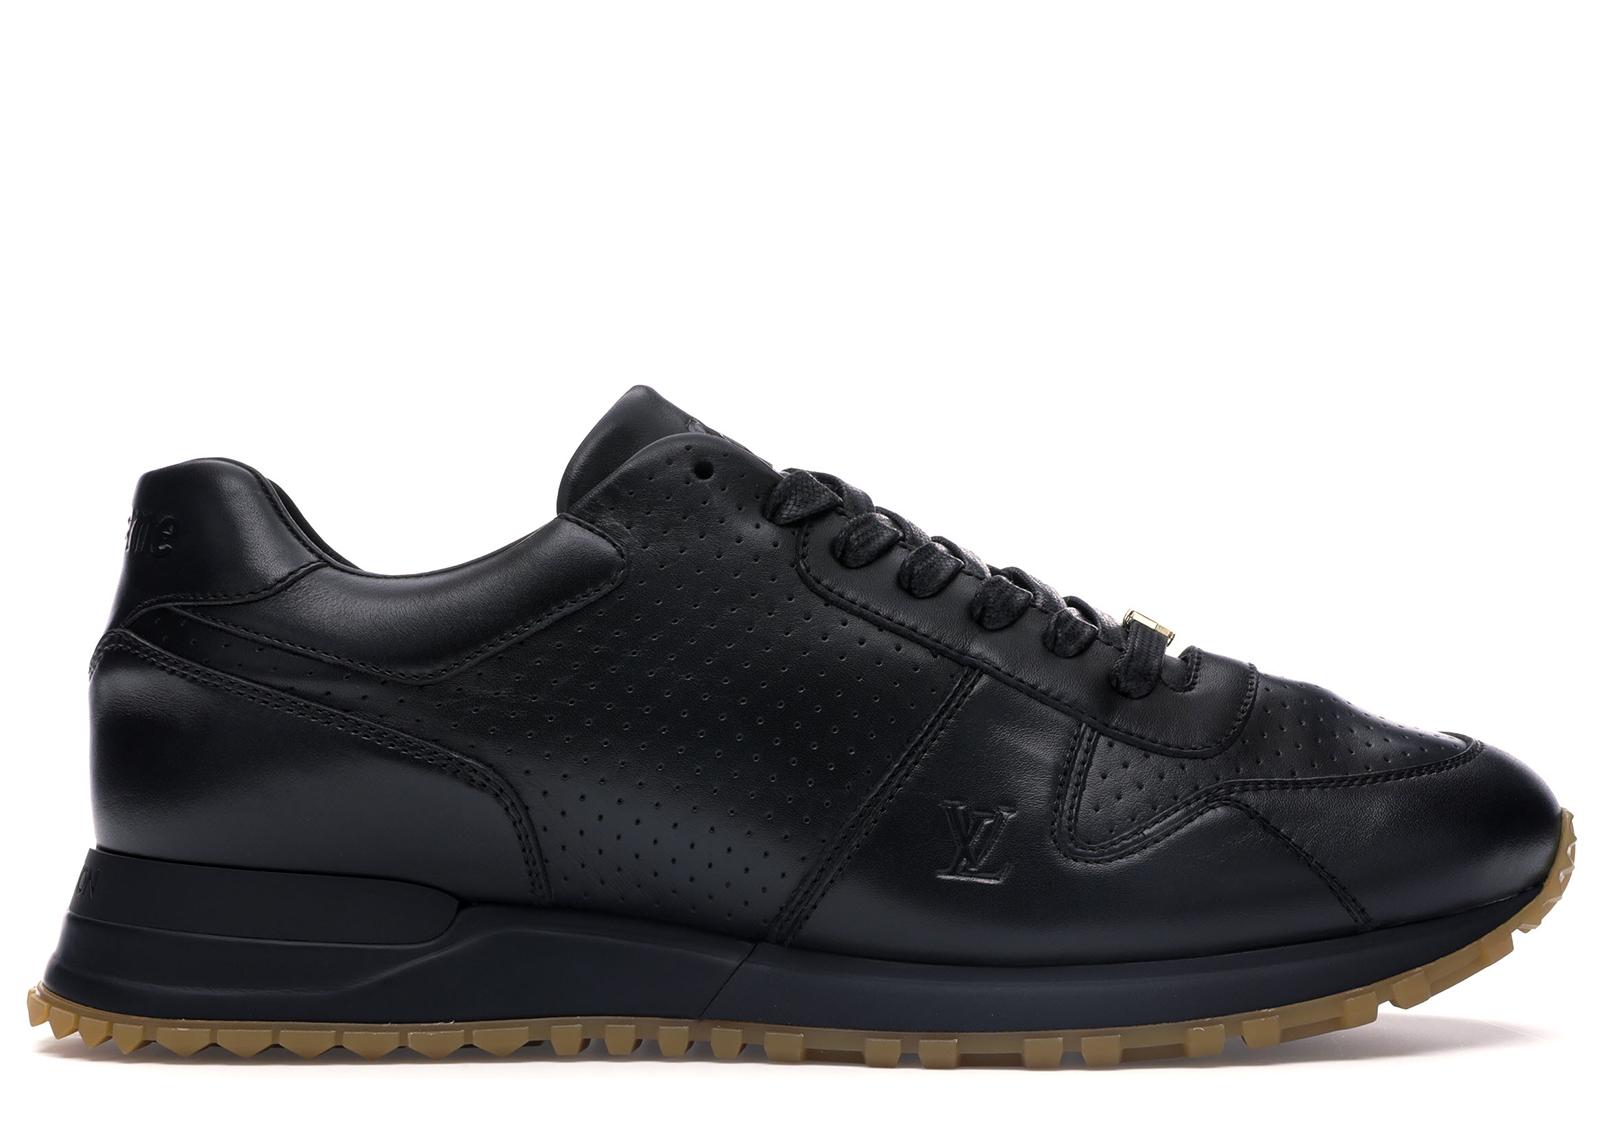 Louis Vuitton Run Away Supreme Black